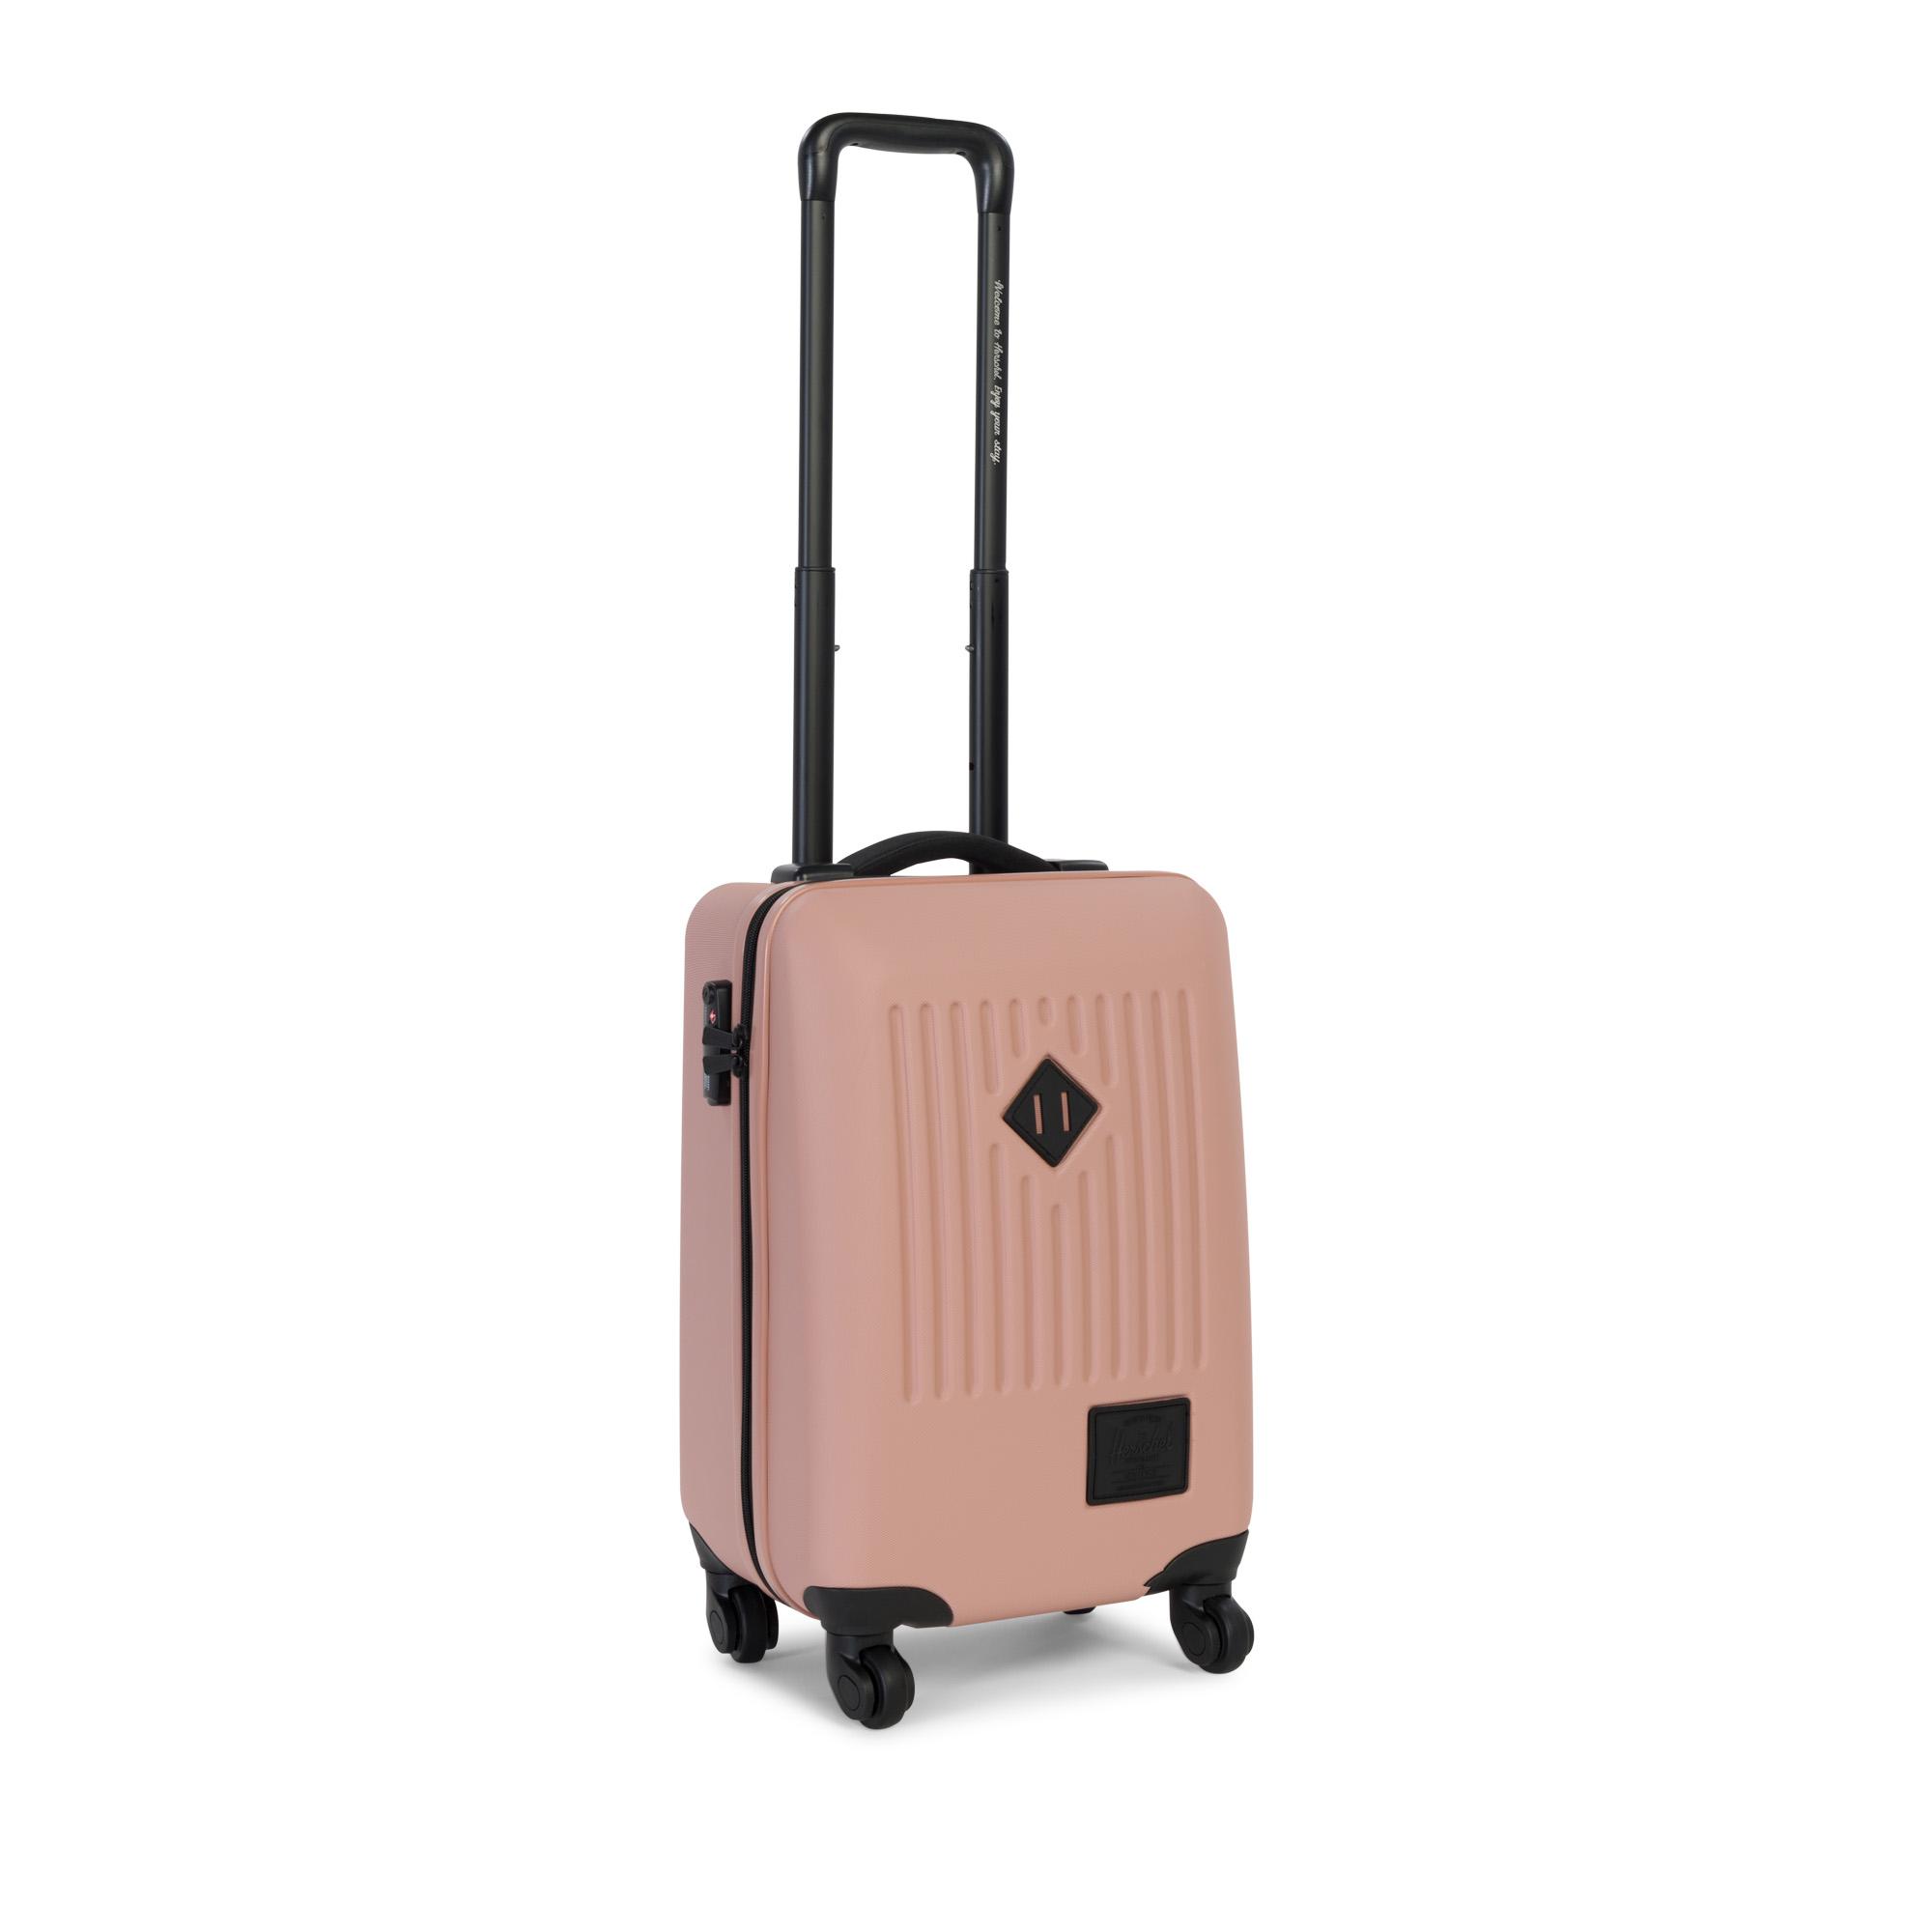 Herschel Koffer Rollkoffer Hartschalenkoffer Trade Carry on Travel Ash Rose 10336-01589 F18-HT1